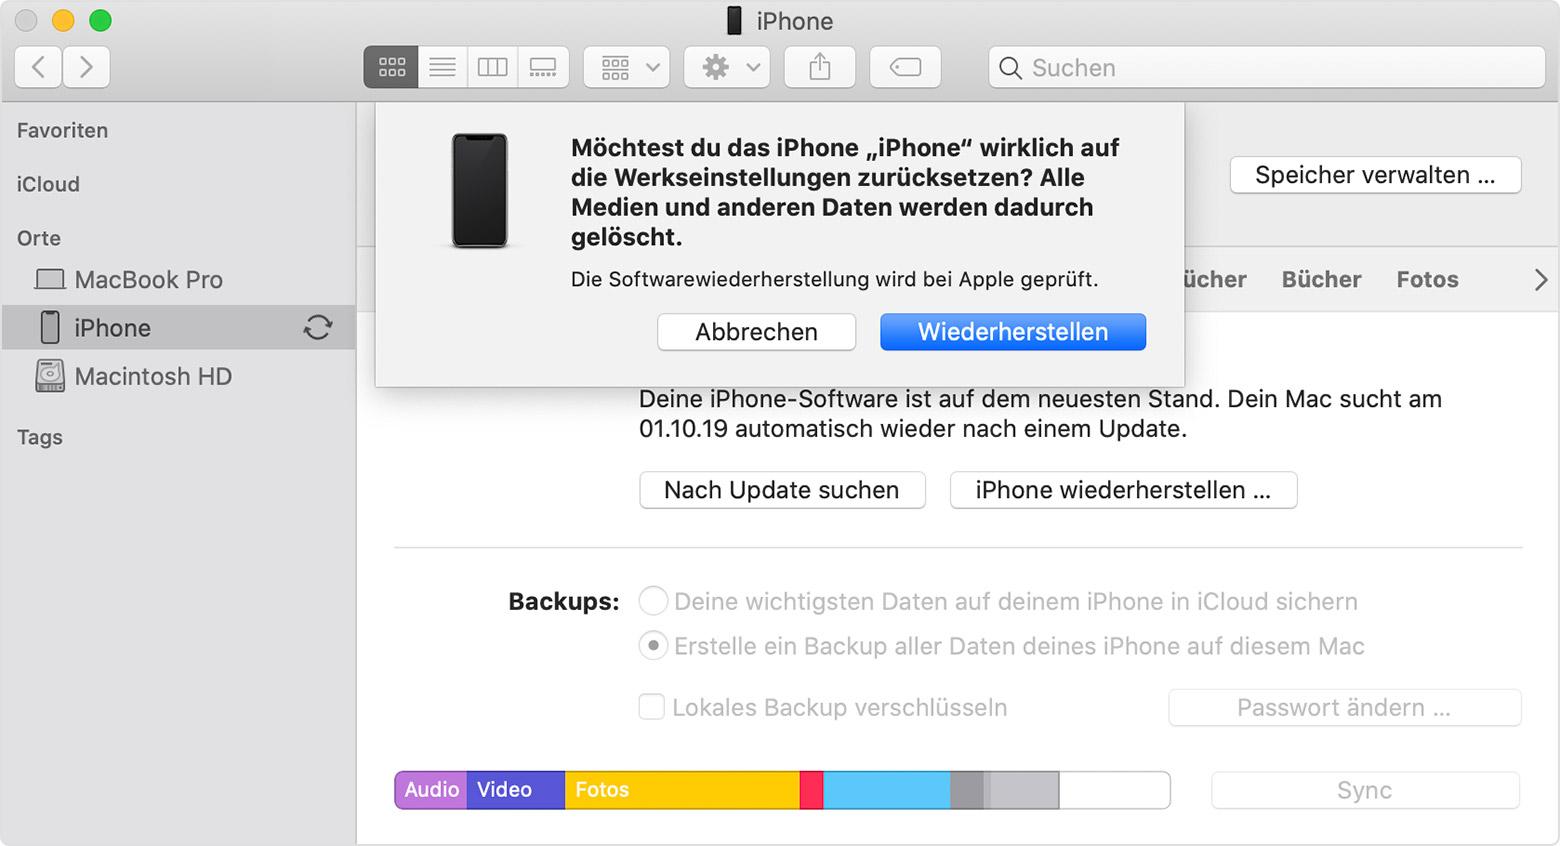 Iphone Ipad Oder Ipod Auf Die Werkseinstellungen Zurucksetzen Apple Support